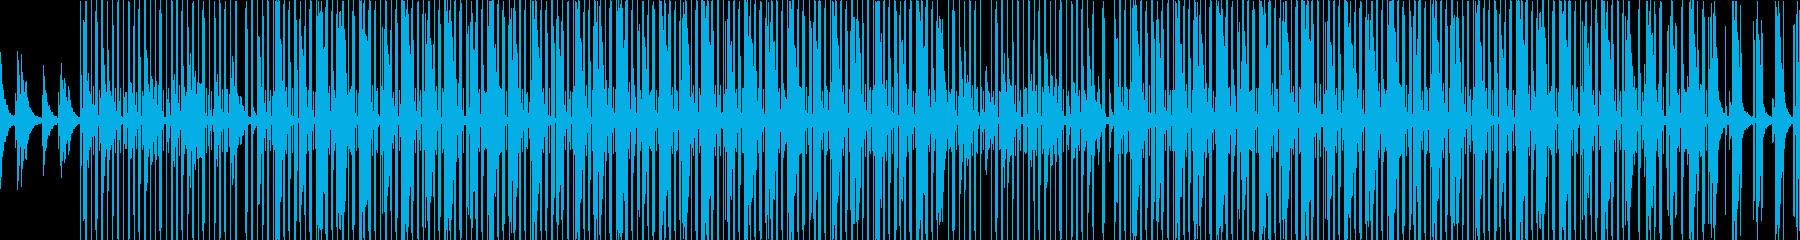 【ループ】まったり、LoFiヒップホップの再生済みの波形